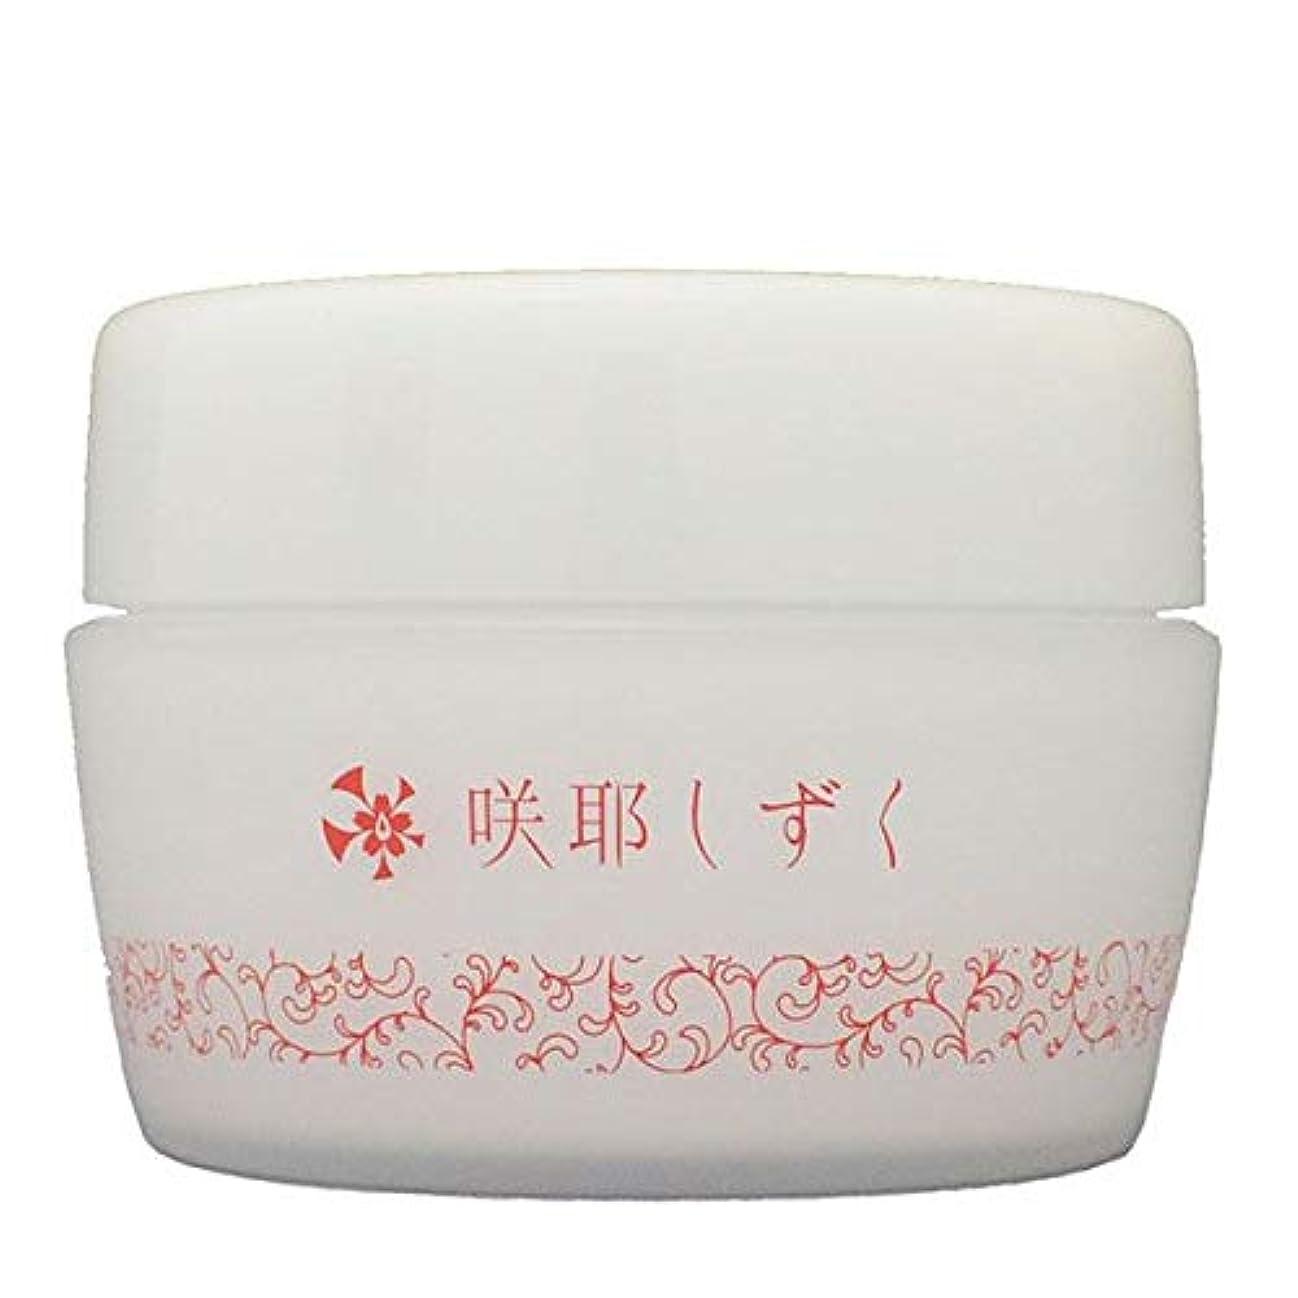 鷲地下室いま咲耶しずく クリーム 乾燥肌 さくやしずく 敏感肌 エムズジャパン M's Japan ms-sge01